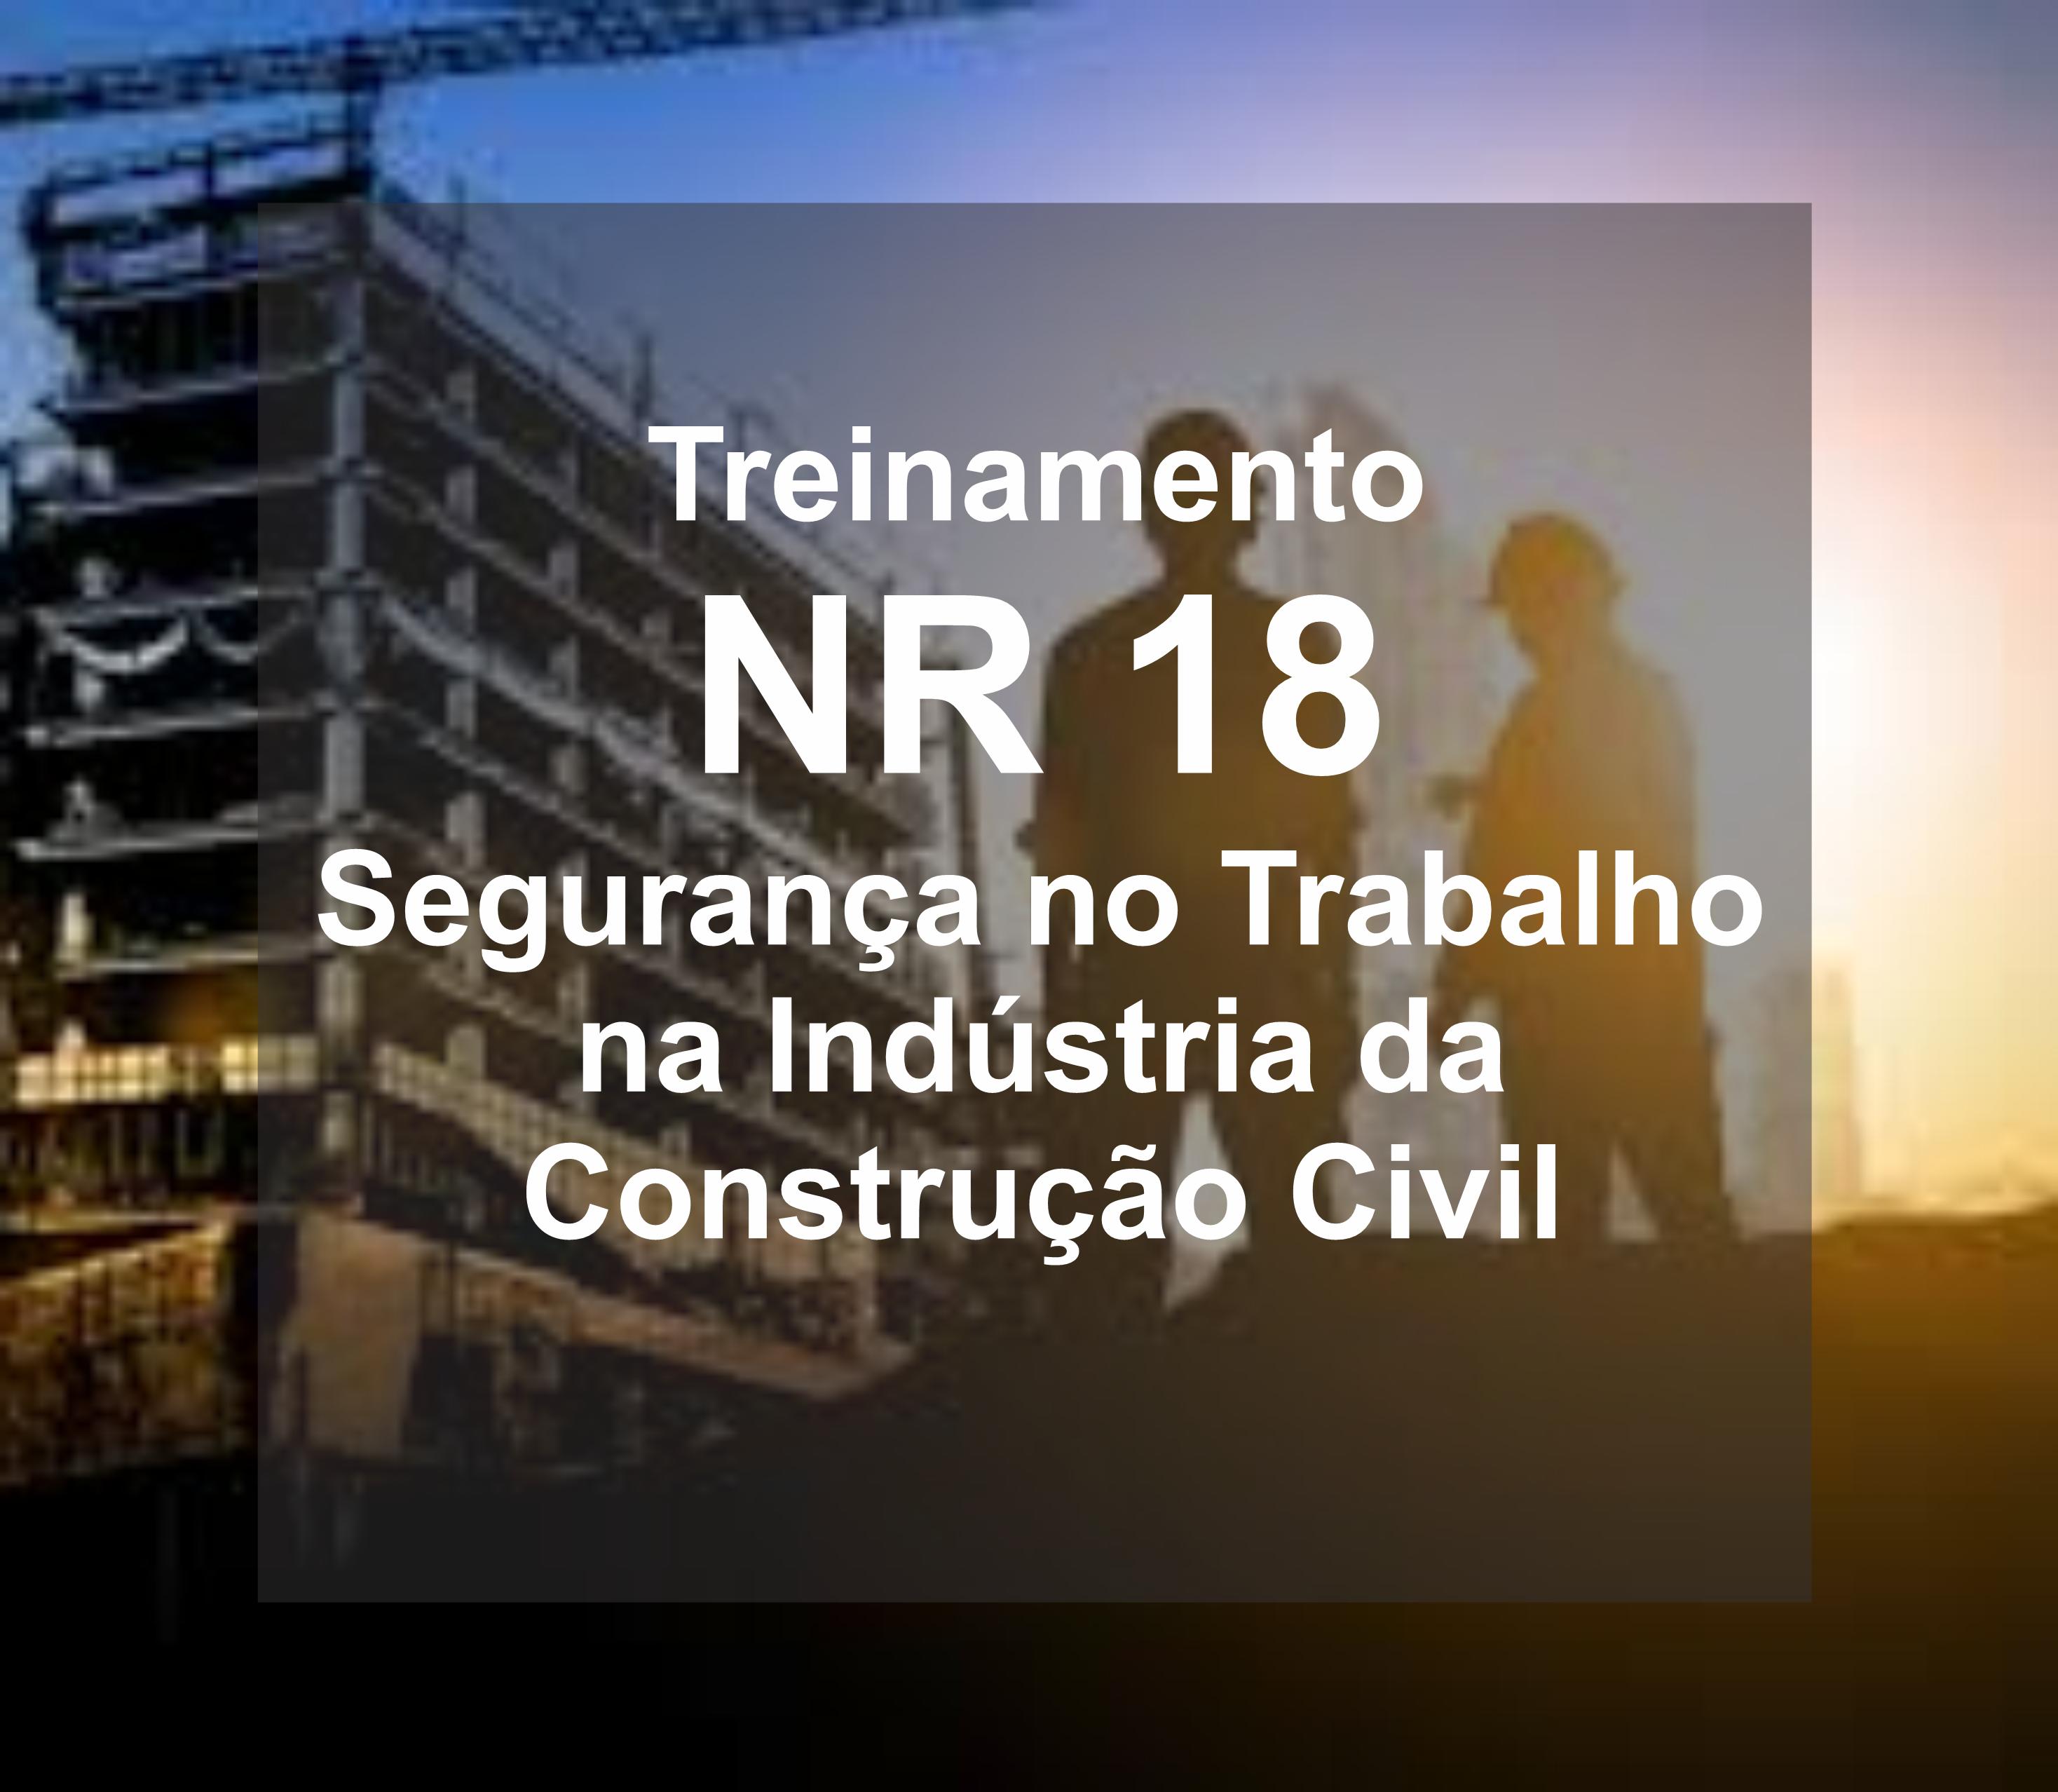 NR 18 Contrução Civil